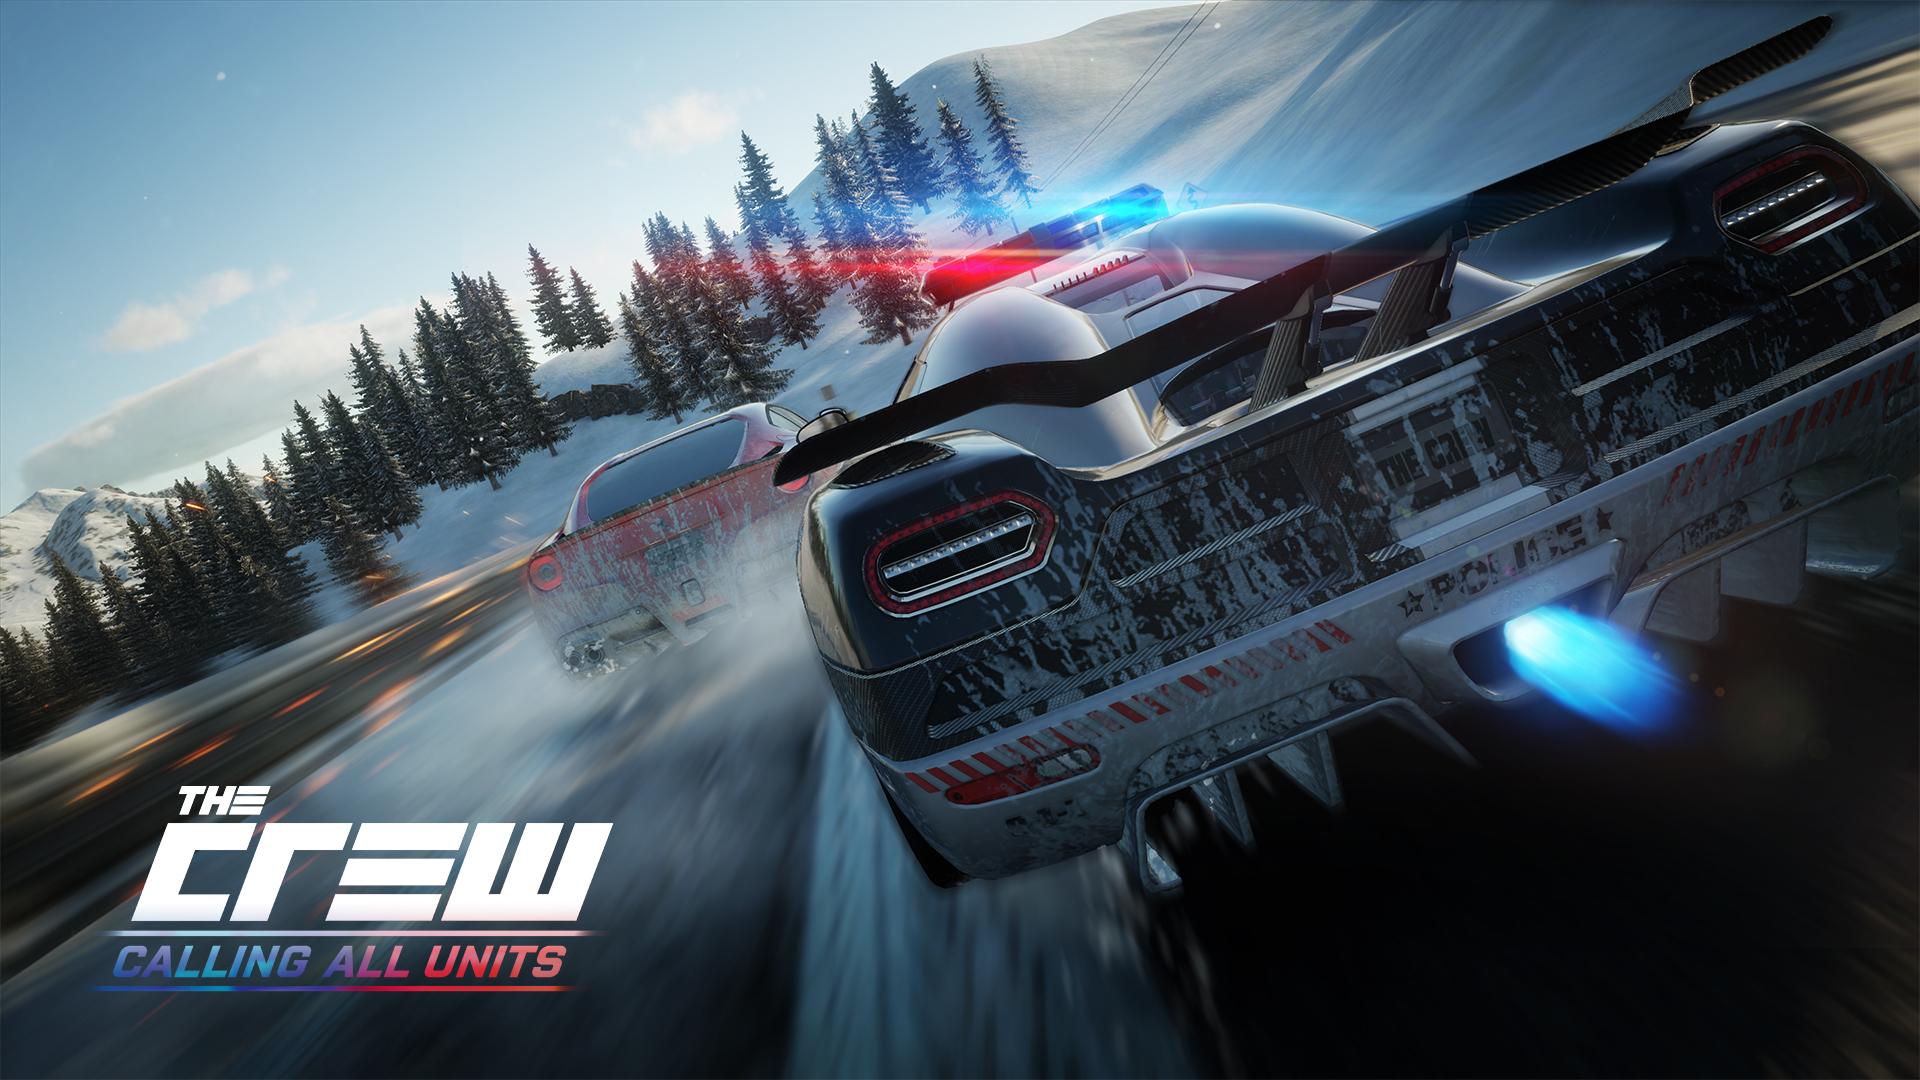 30 Jahre Ubisoft: The Crew kostenlos downloaden ab 14.09.2016